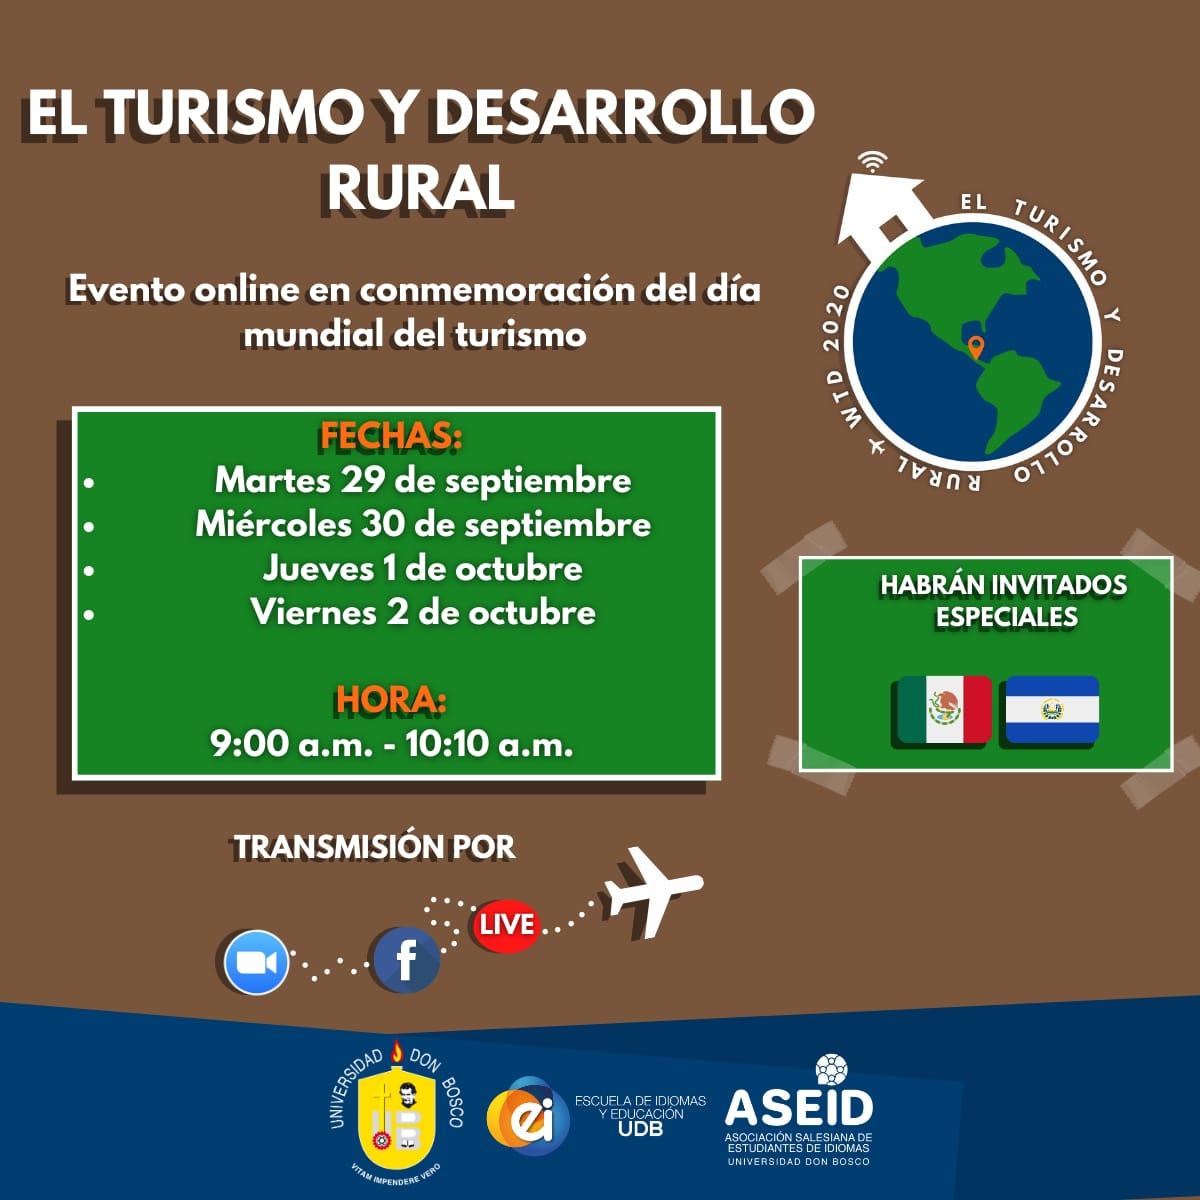 El Turismo y Desarrollo Rural